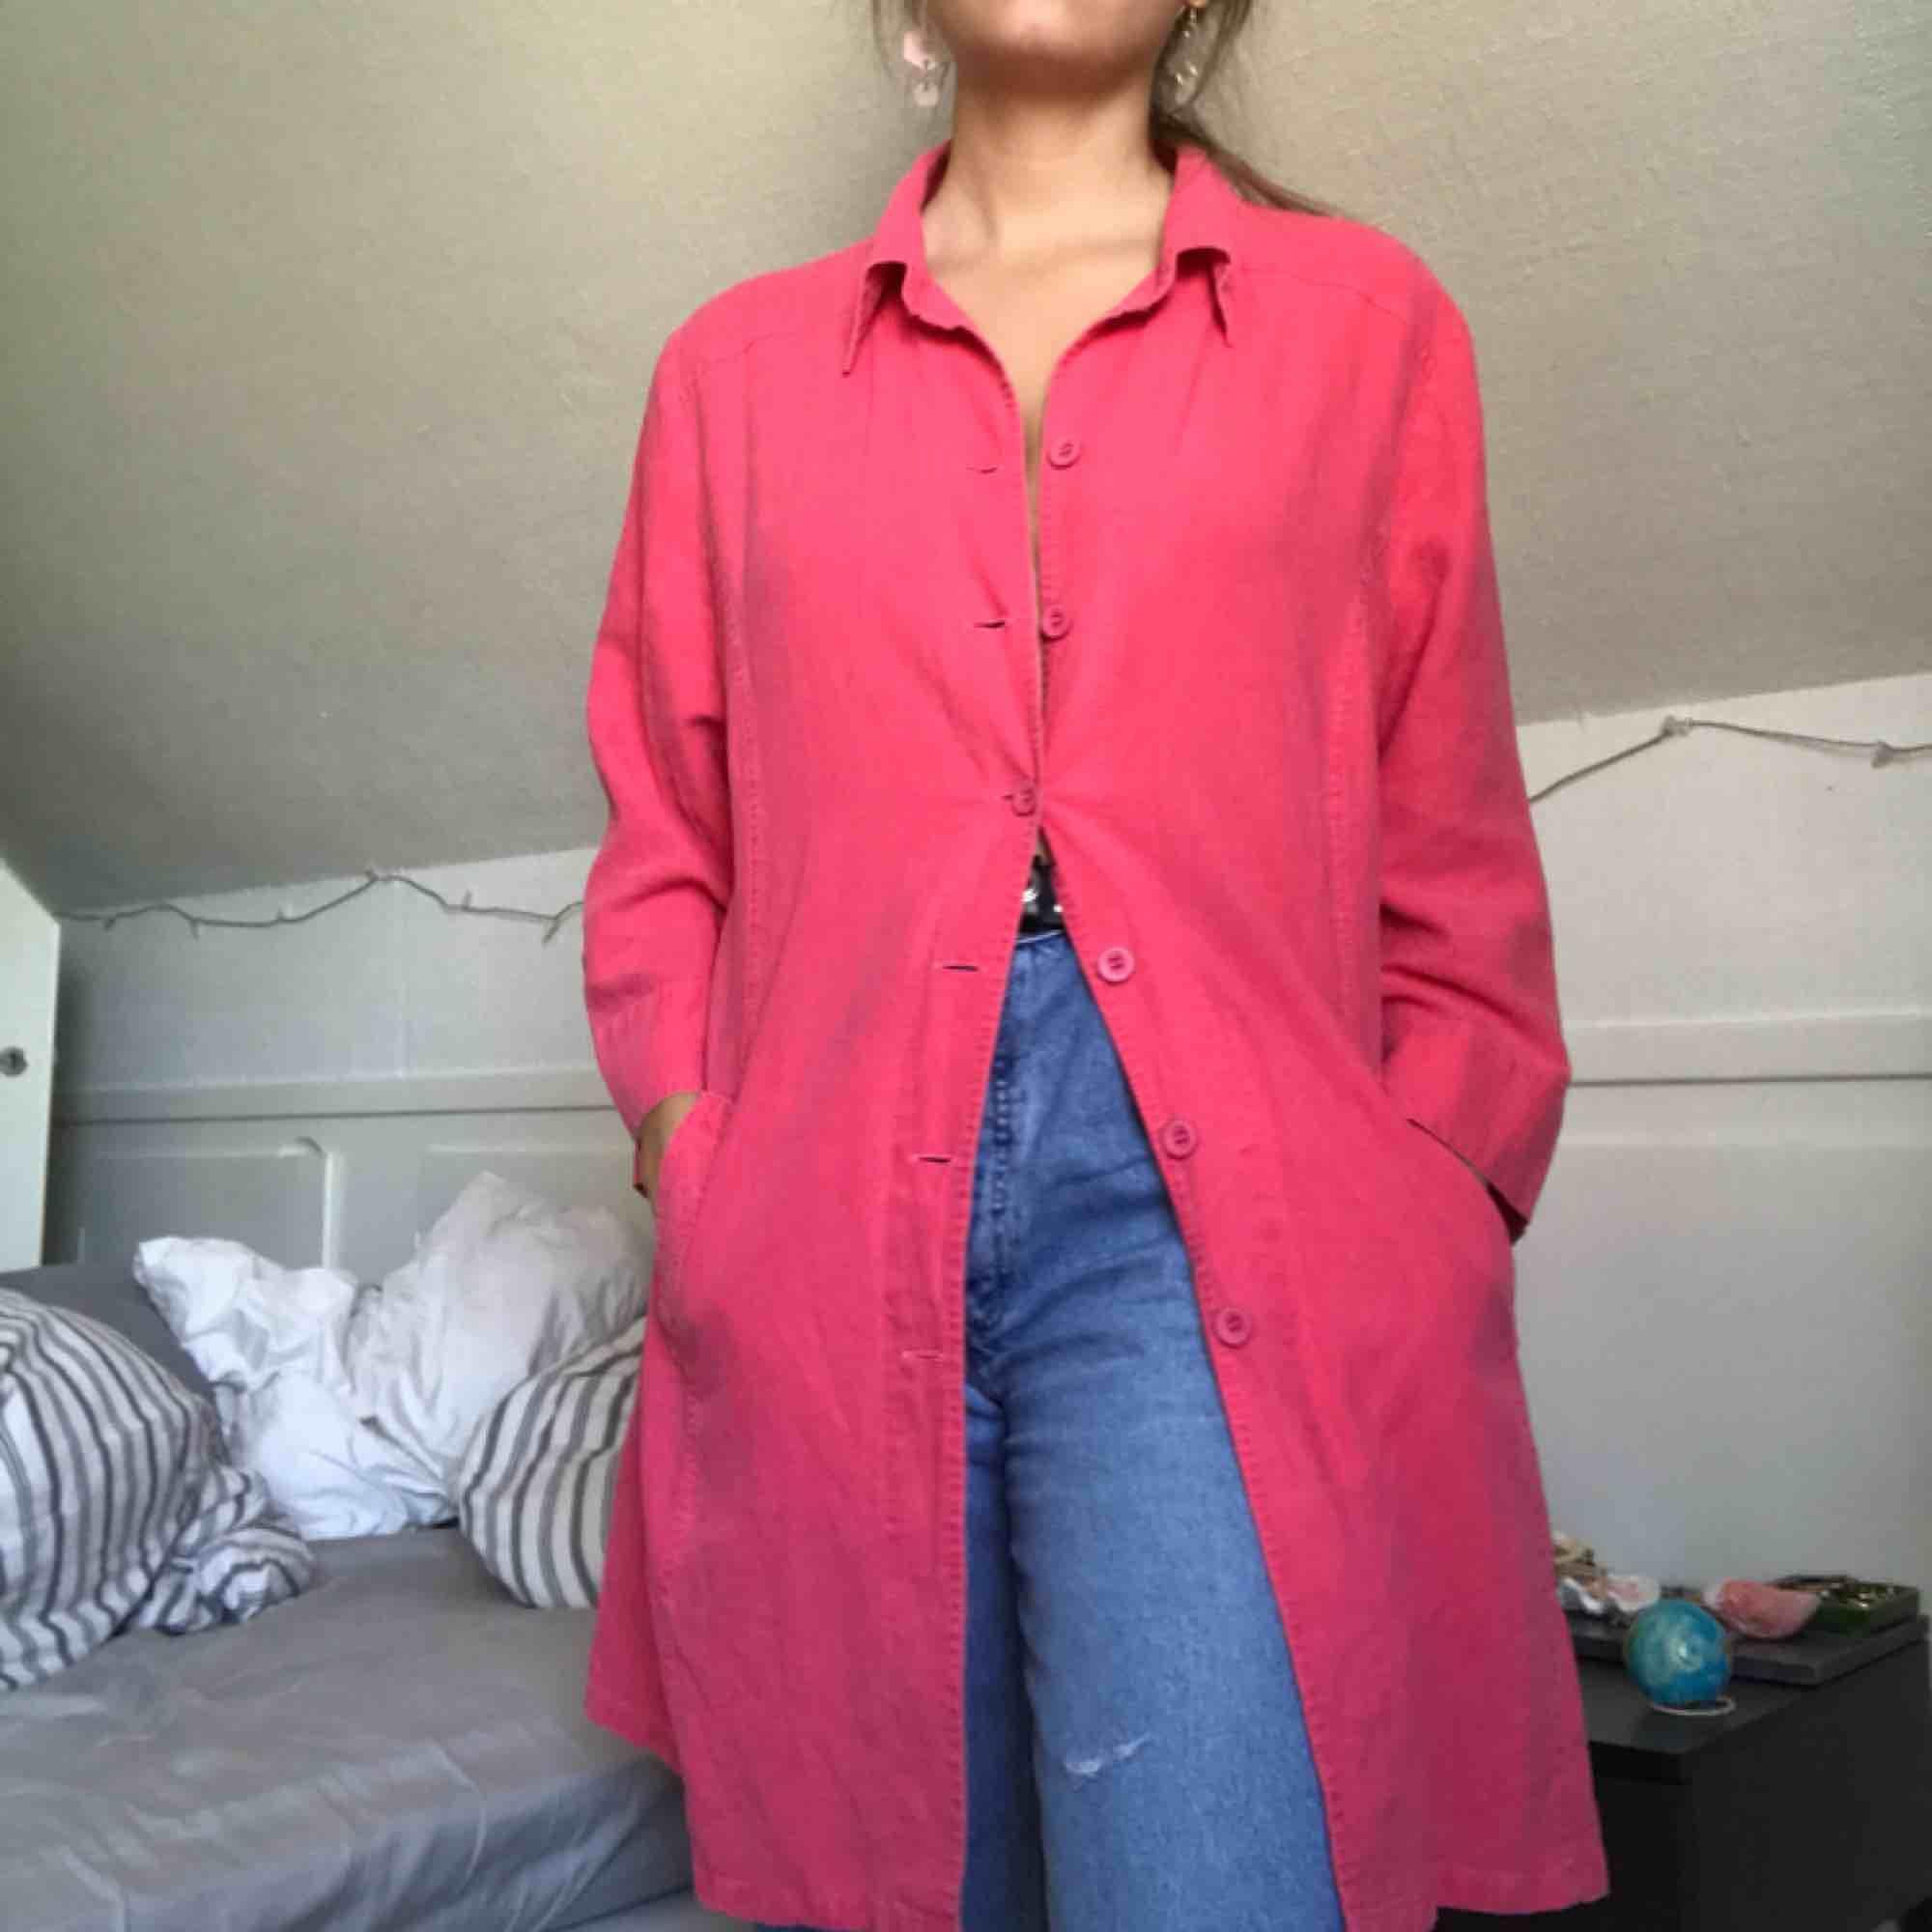 Oversized lång rosa tröja med knappar och krage. Kan användas som allt från tunn kappa till klänning!. Tröjor & Koftor.